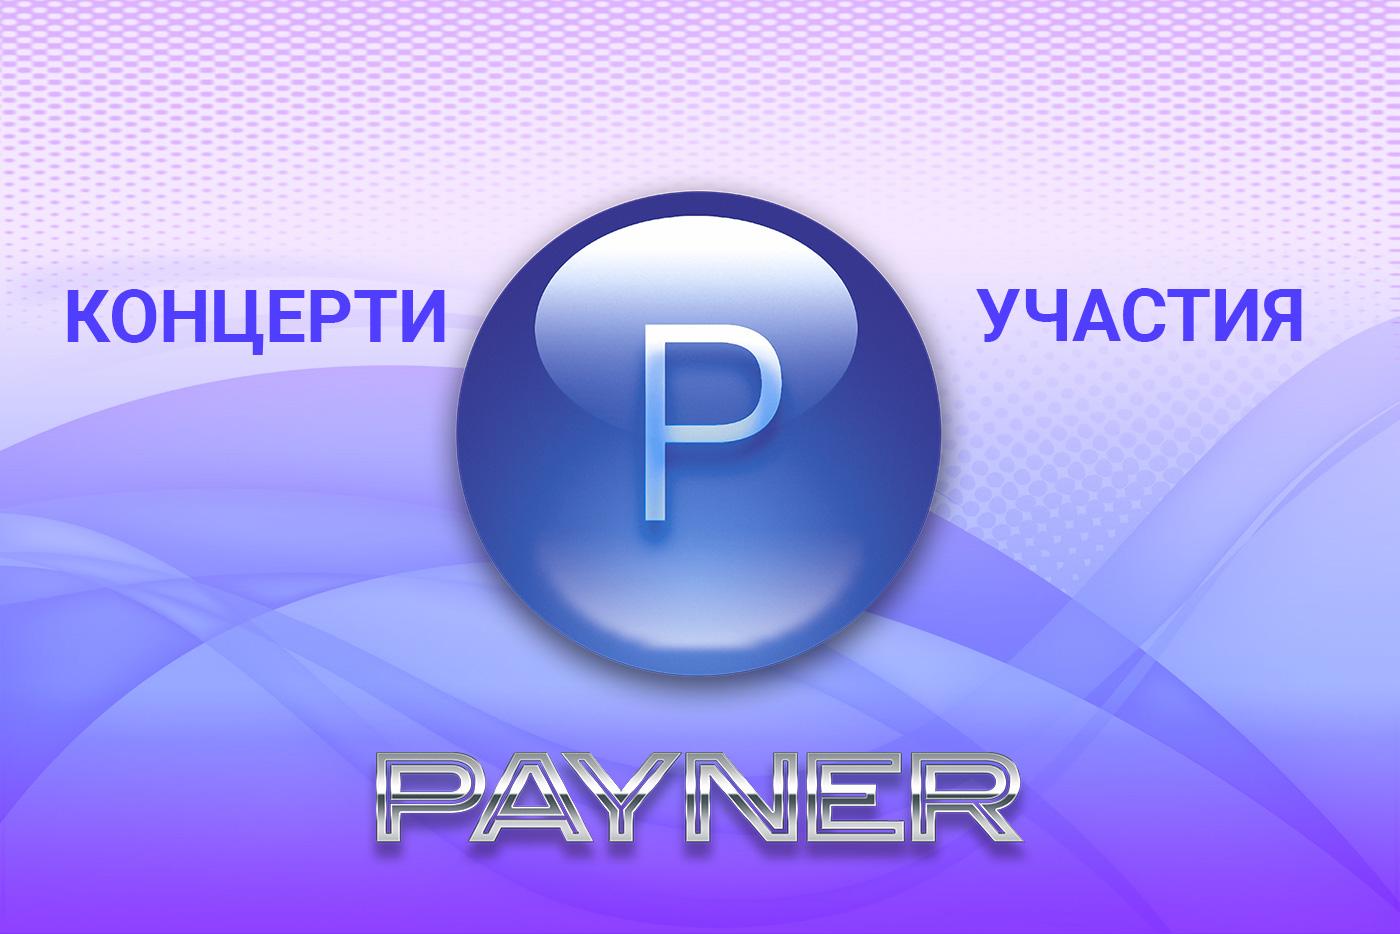 """Участия на звездите на """"Пайнер"""" на 26.09.2018"""